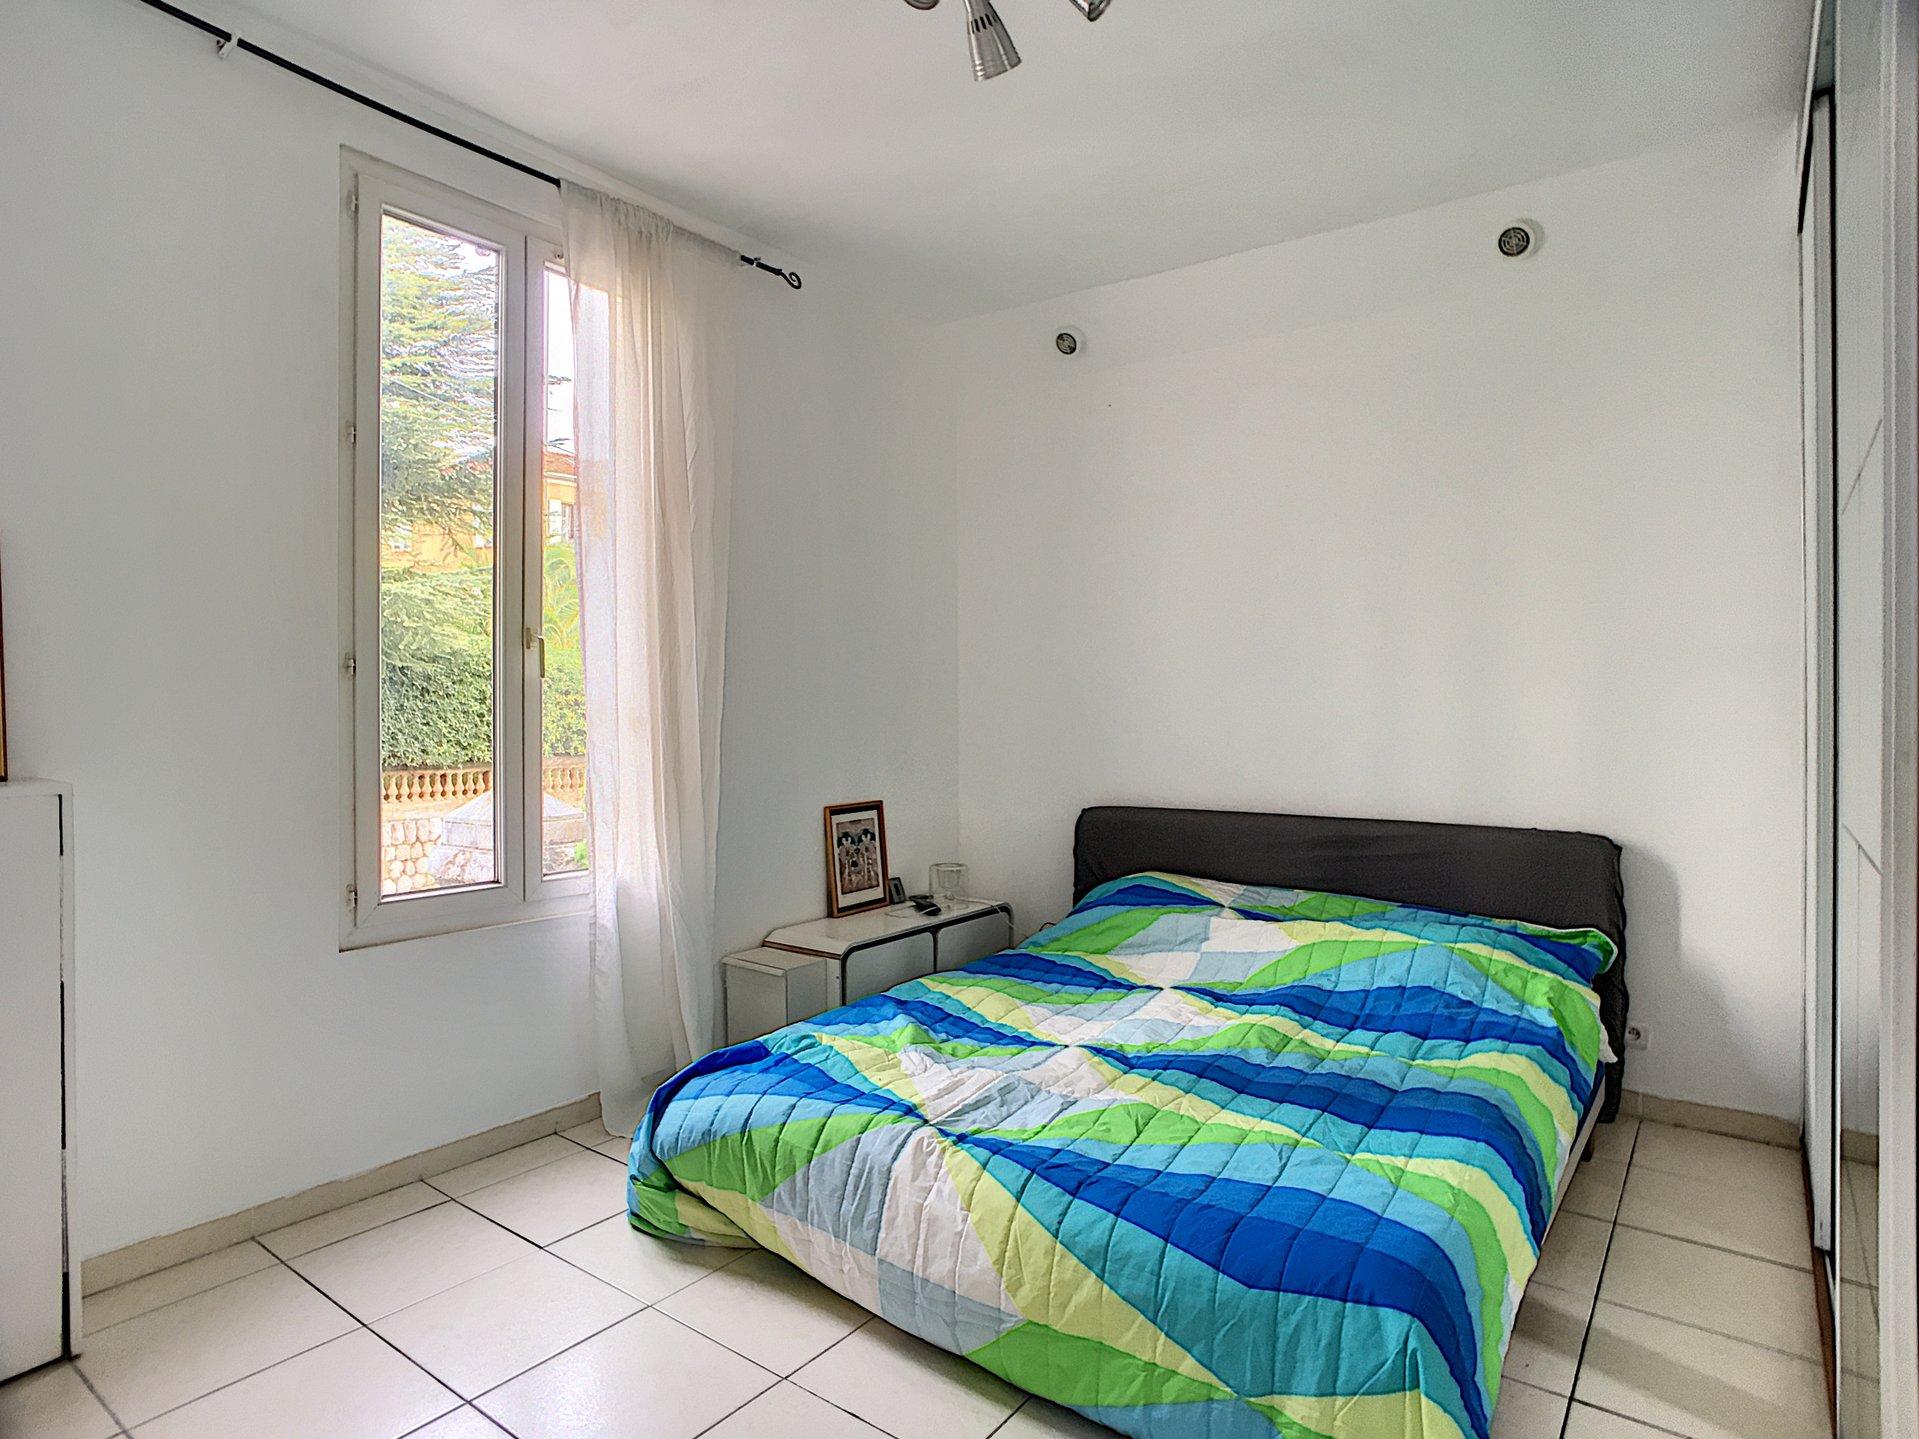 NICE (06000) - VILLA - 2 chambres - 3 pièces